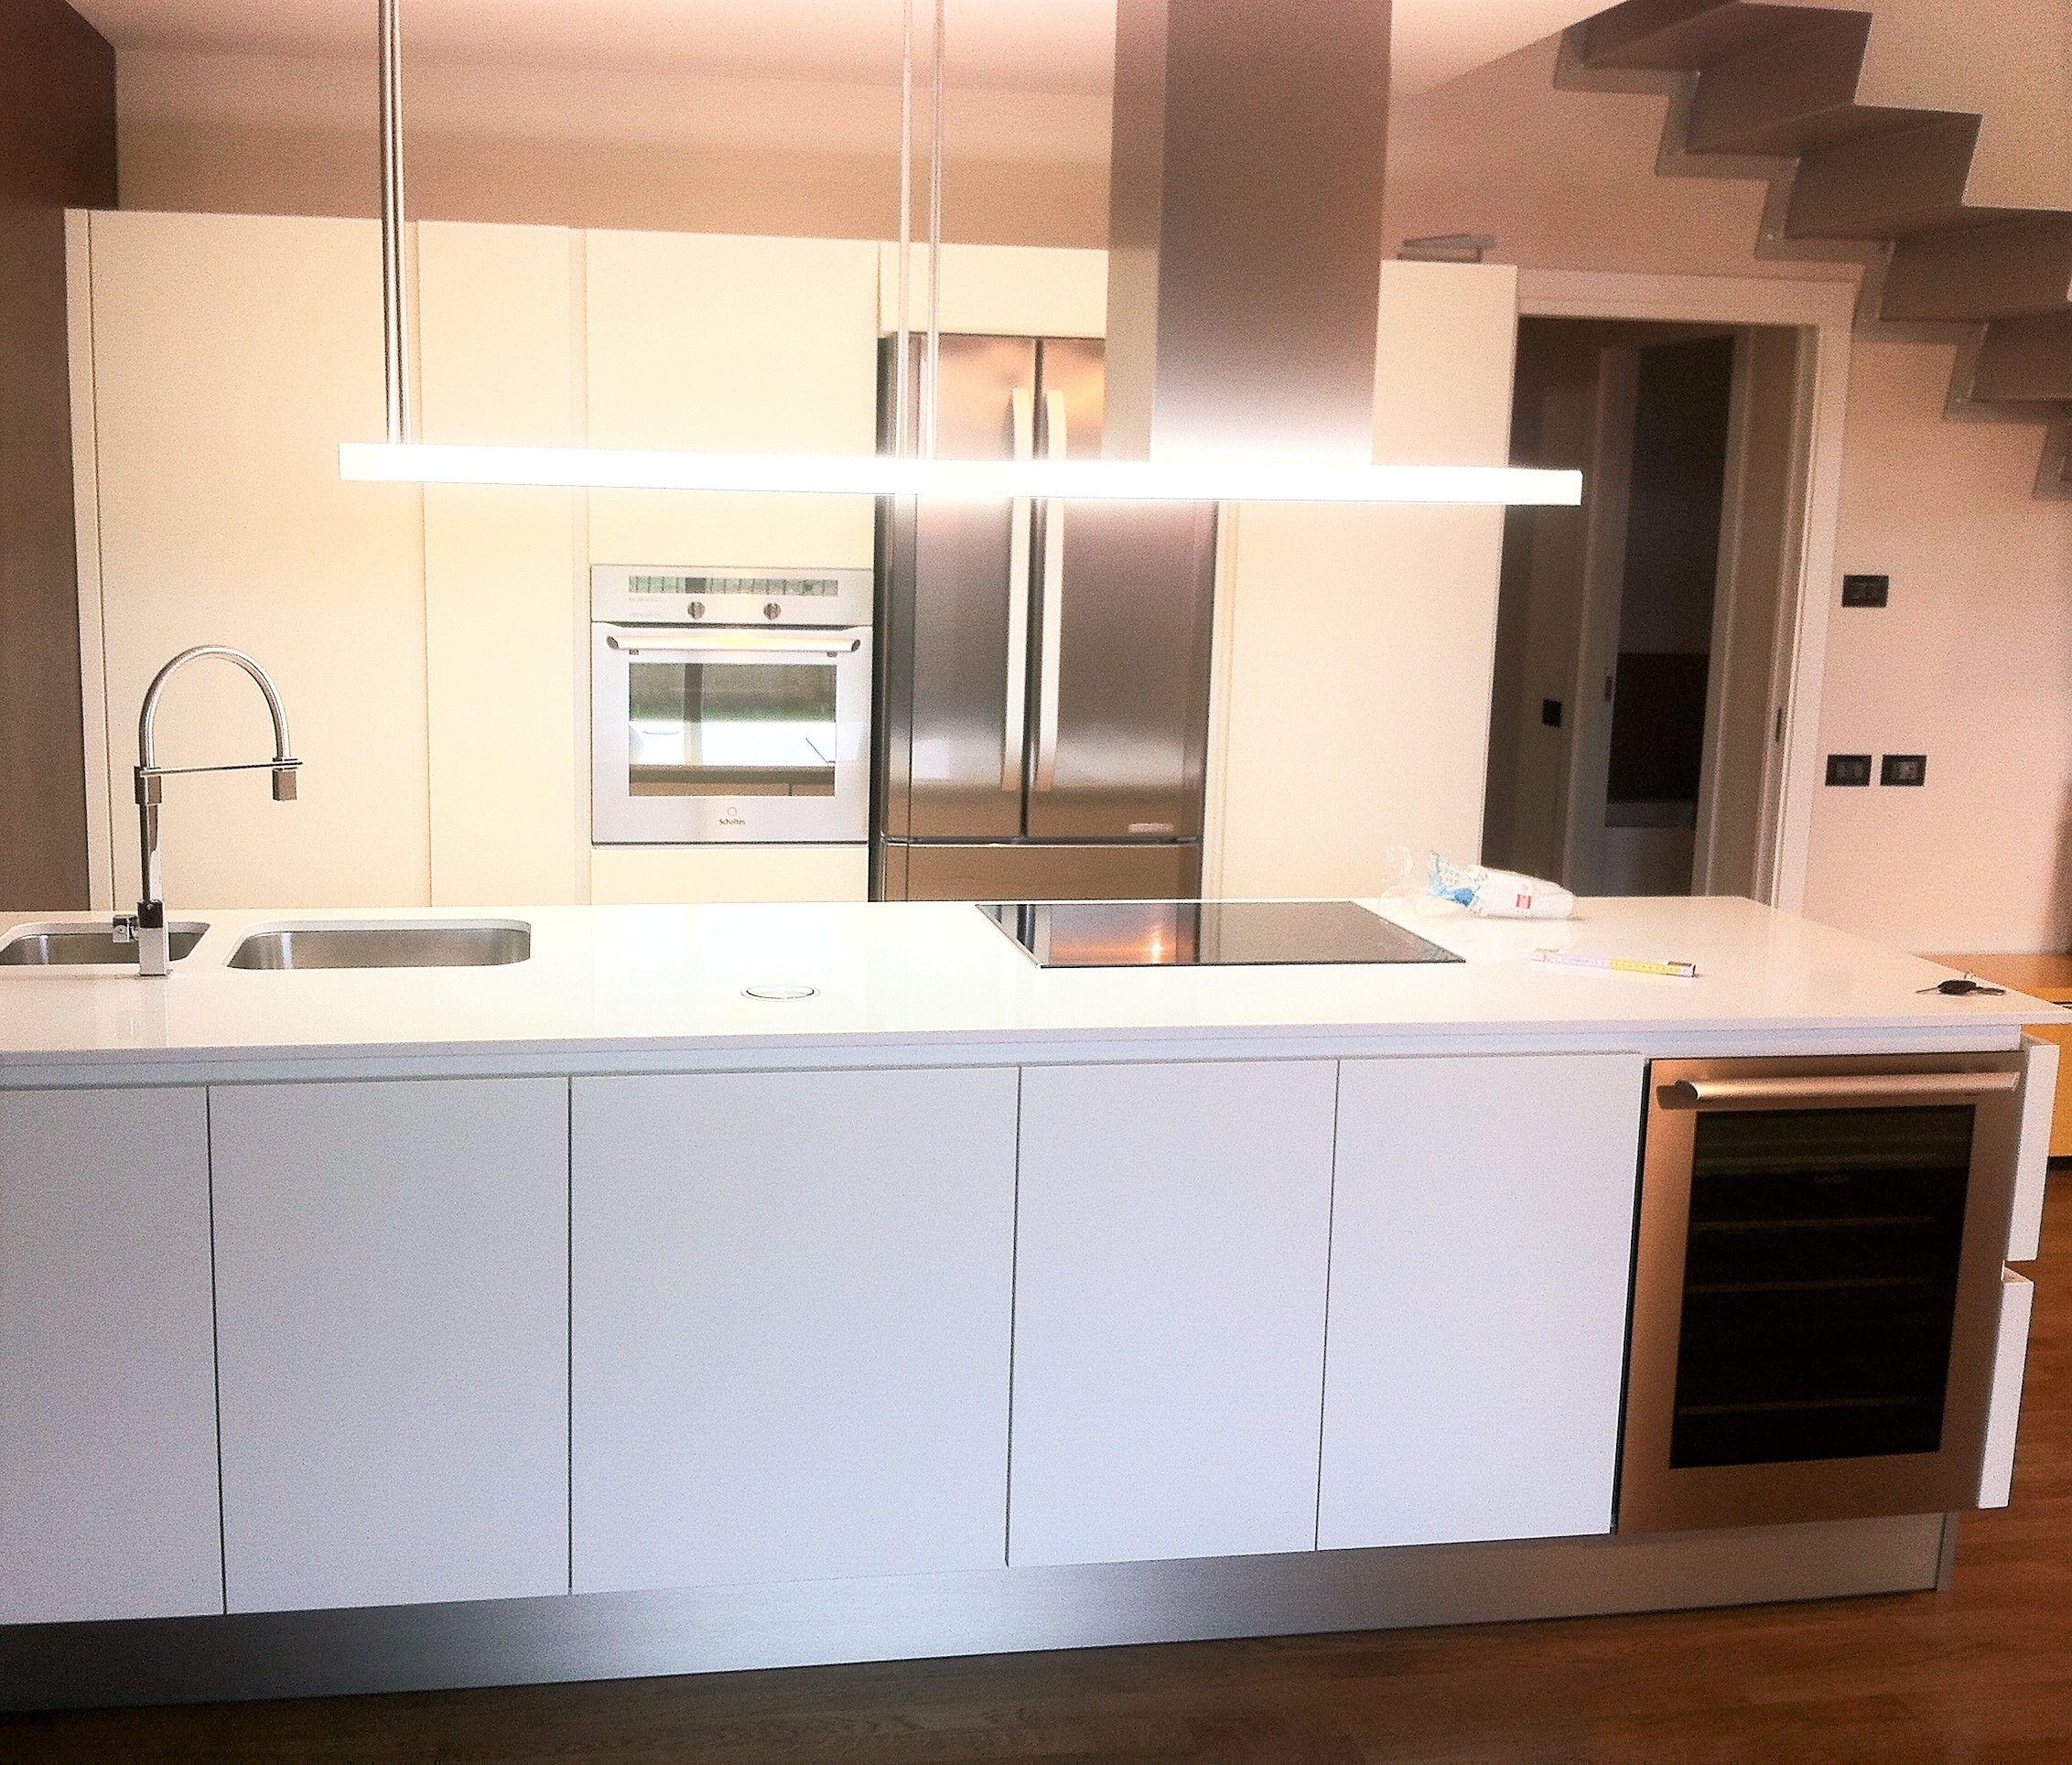 Cucina Moderna Bianca Laccata progettazione e realizzazione cucina moderna con gola e